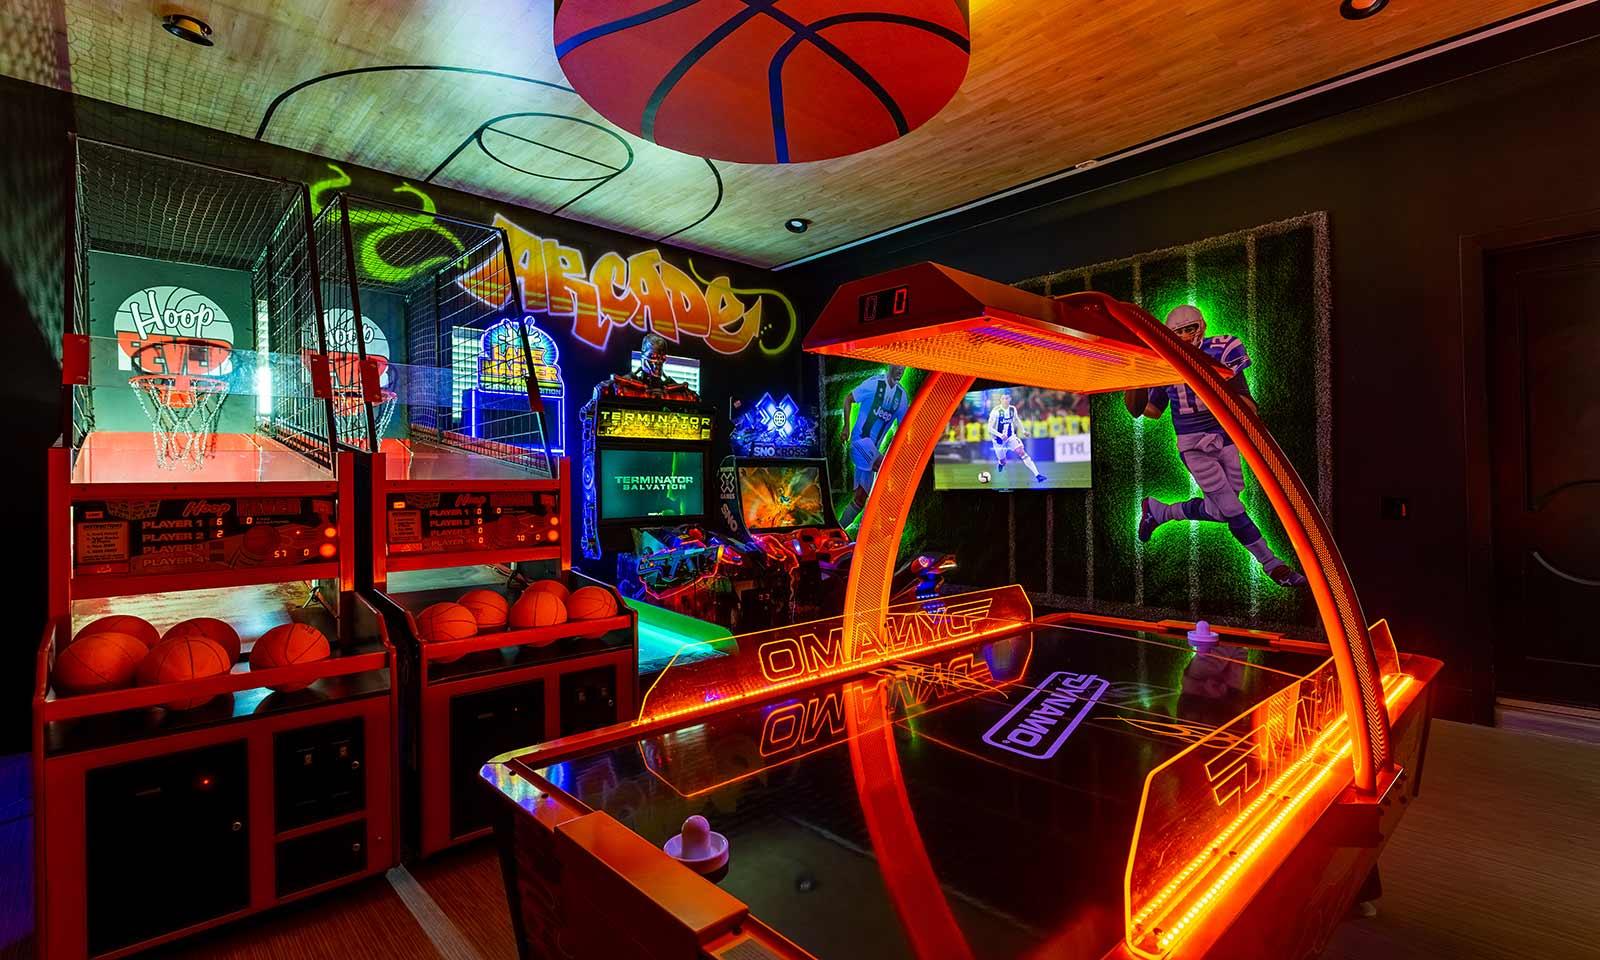 [amenities:Arcade:3] Arcade